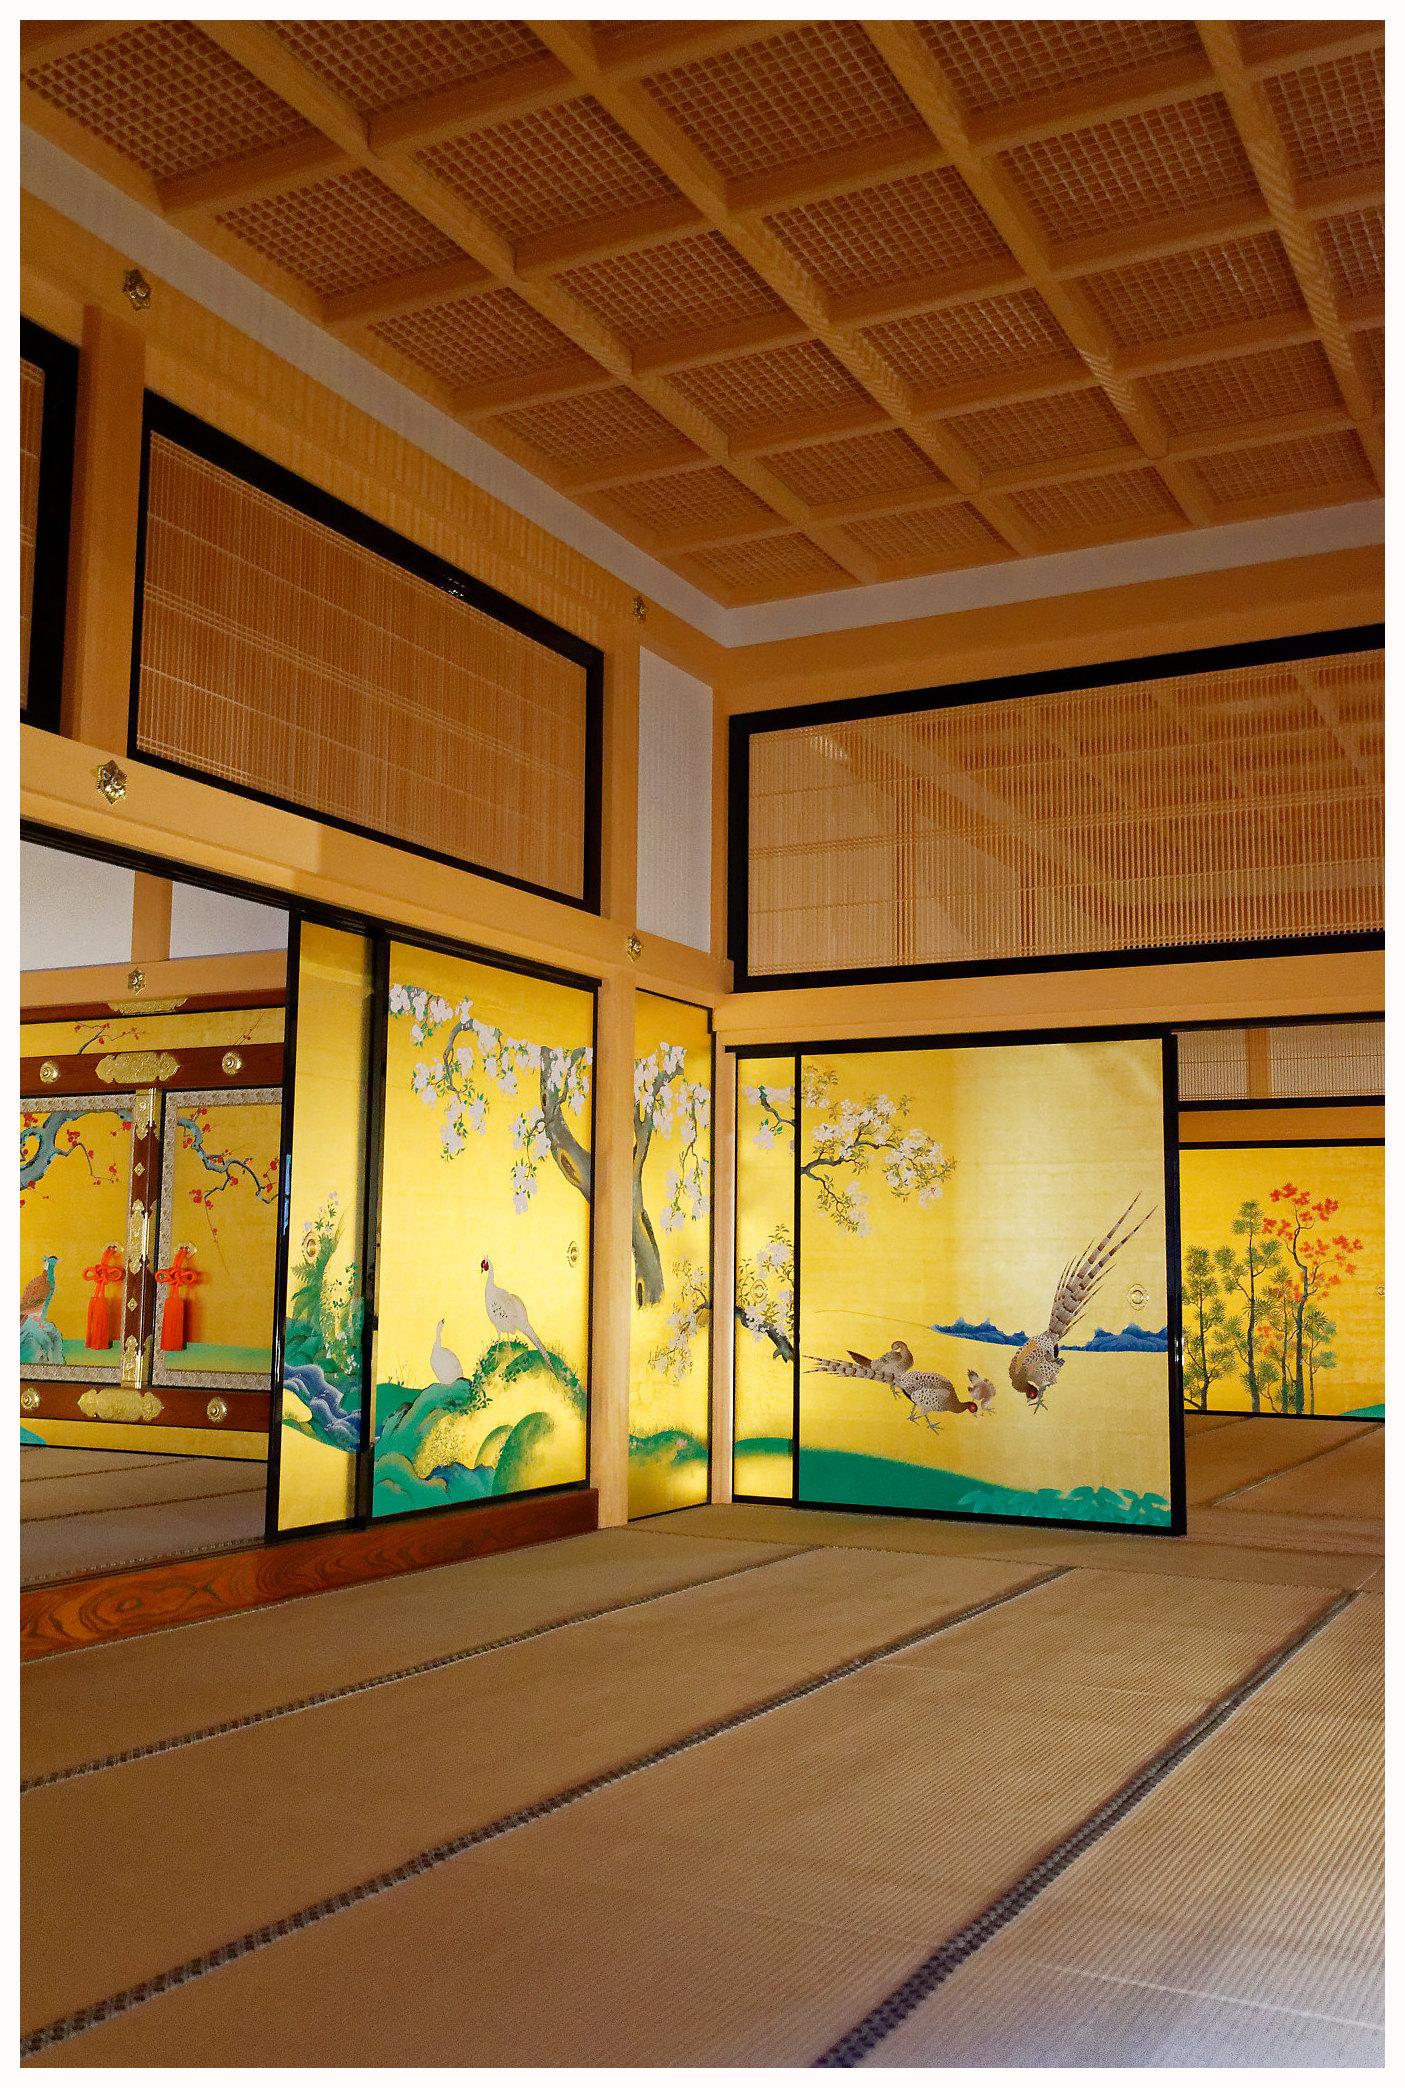 10 bonnes raisons d'aller à Nagoya lors d'un voyage au Japon